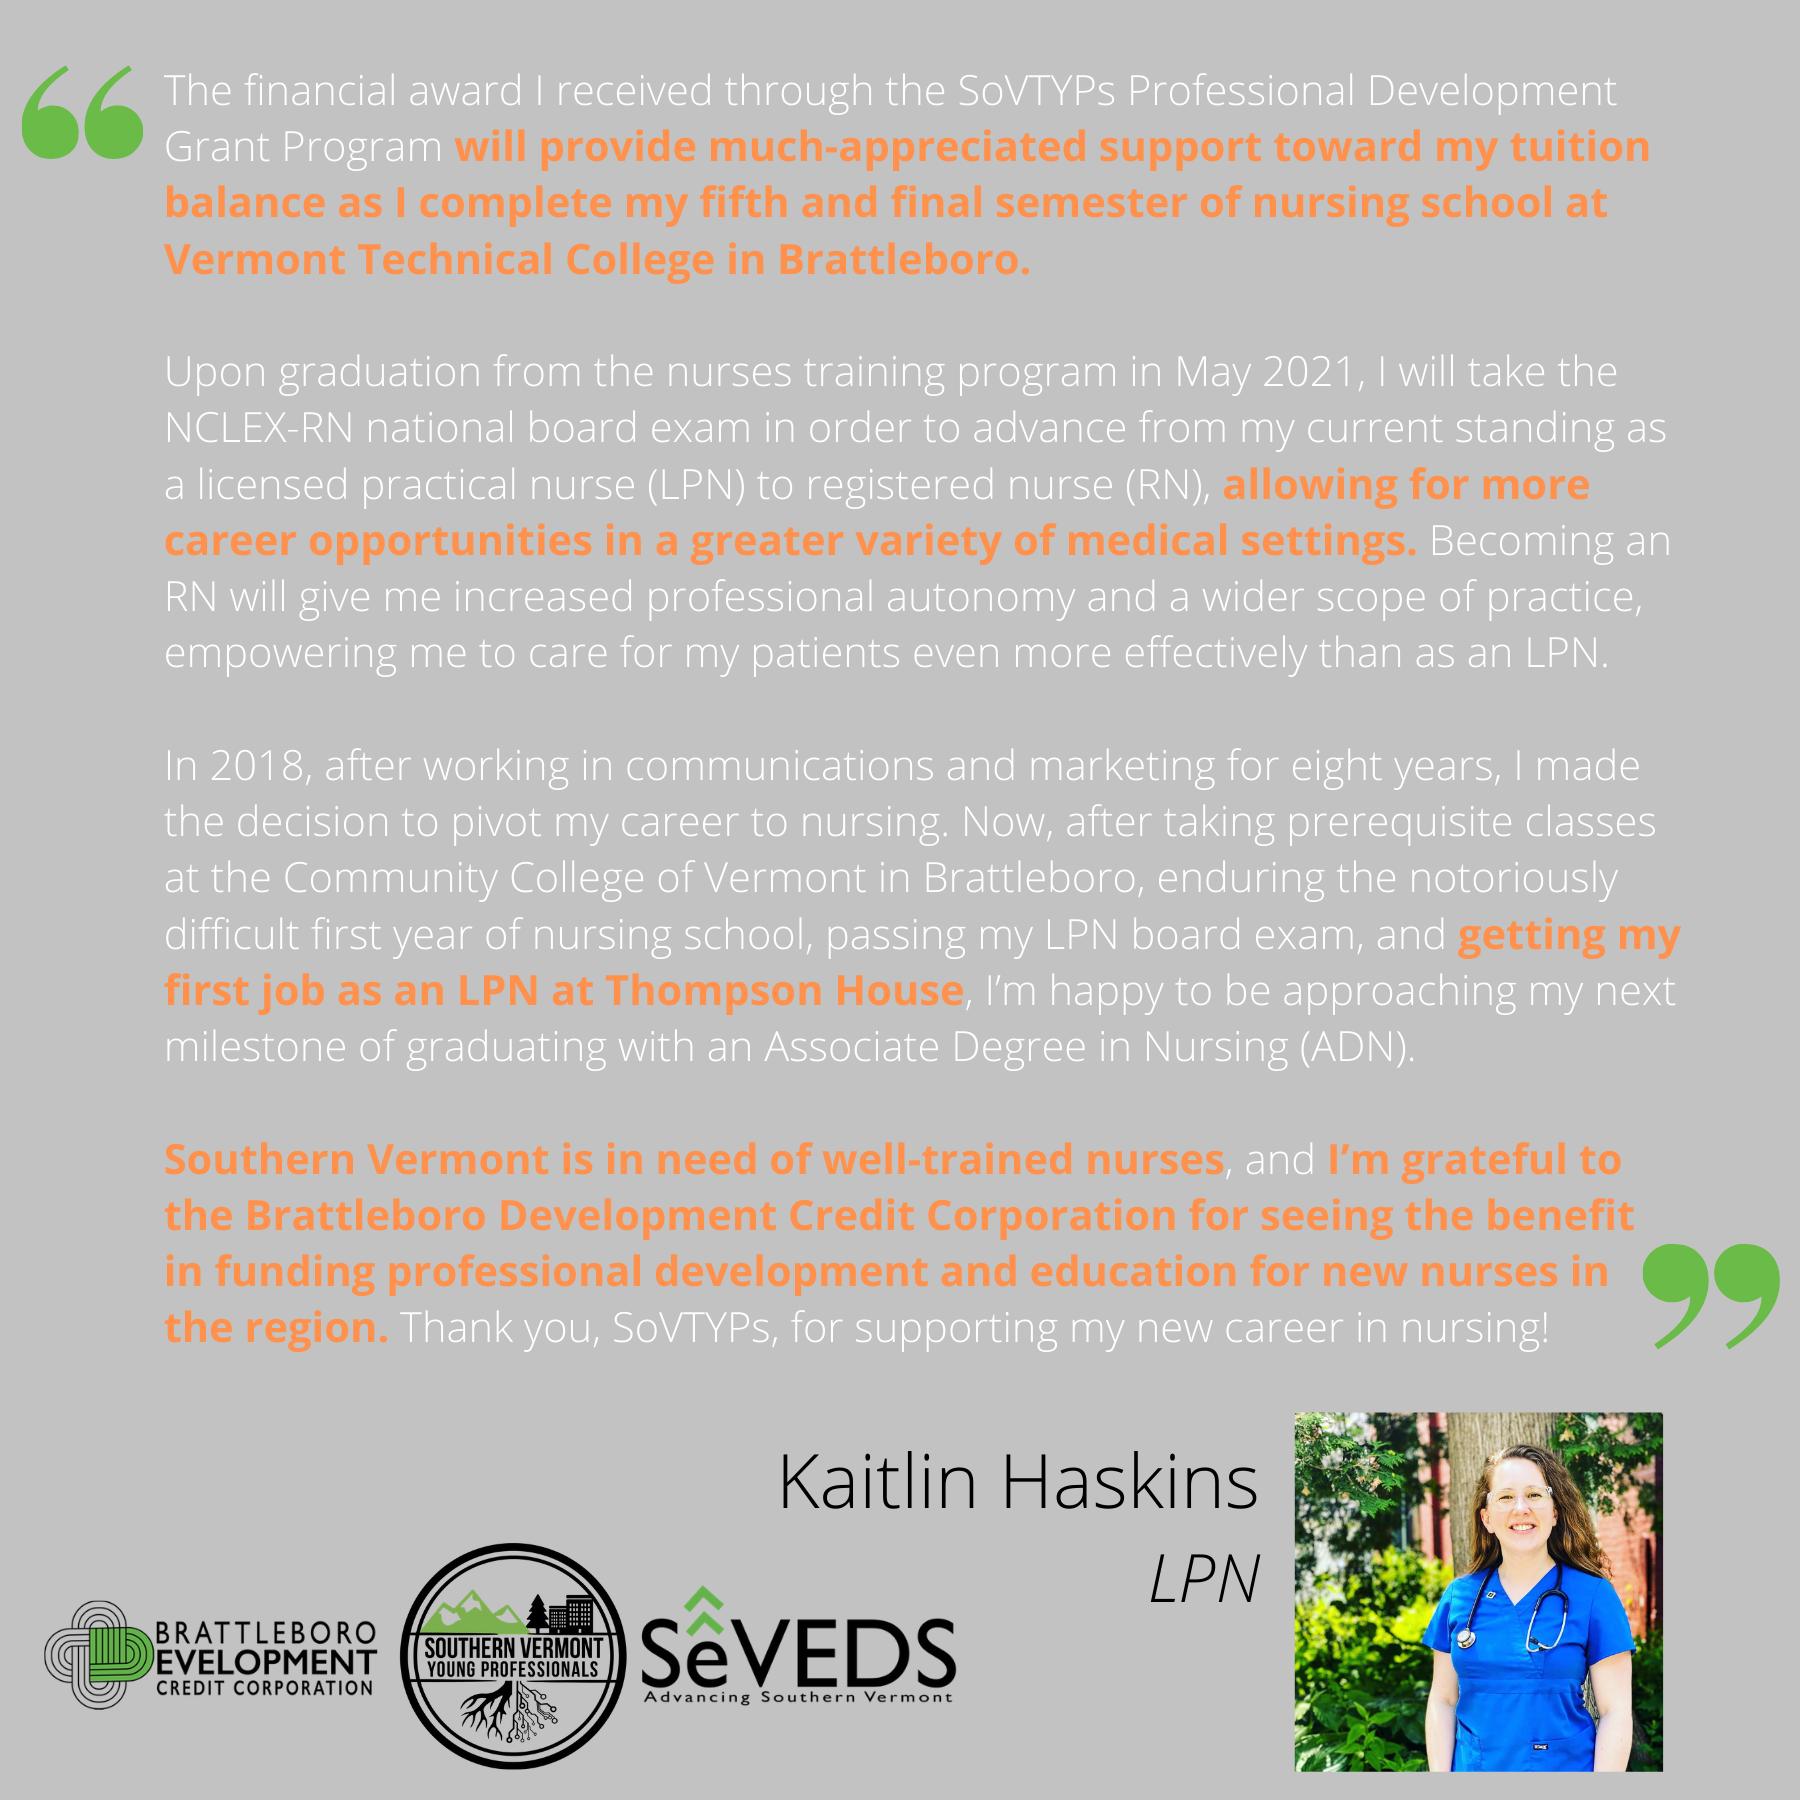 K. Haskins Testimonial